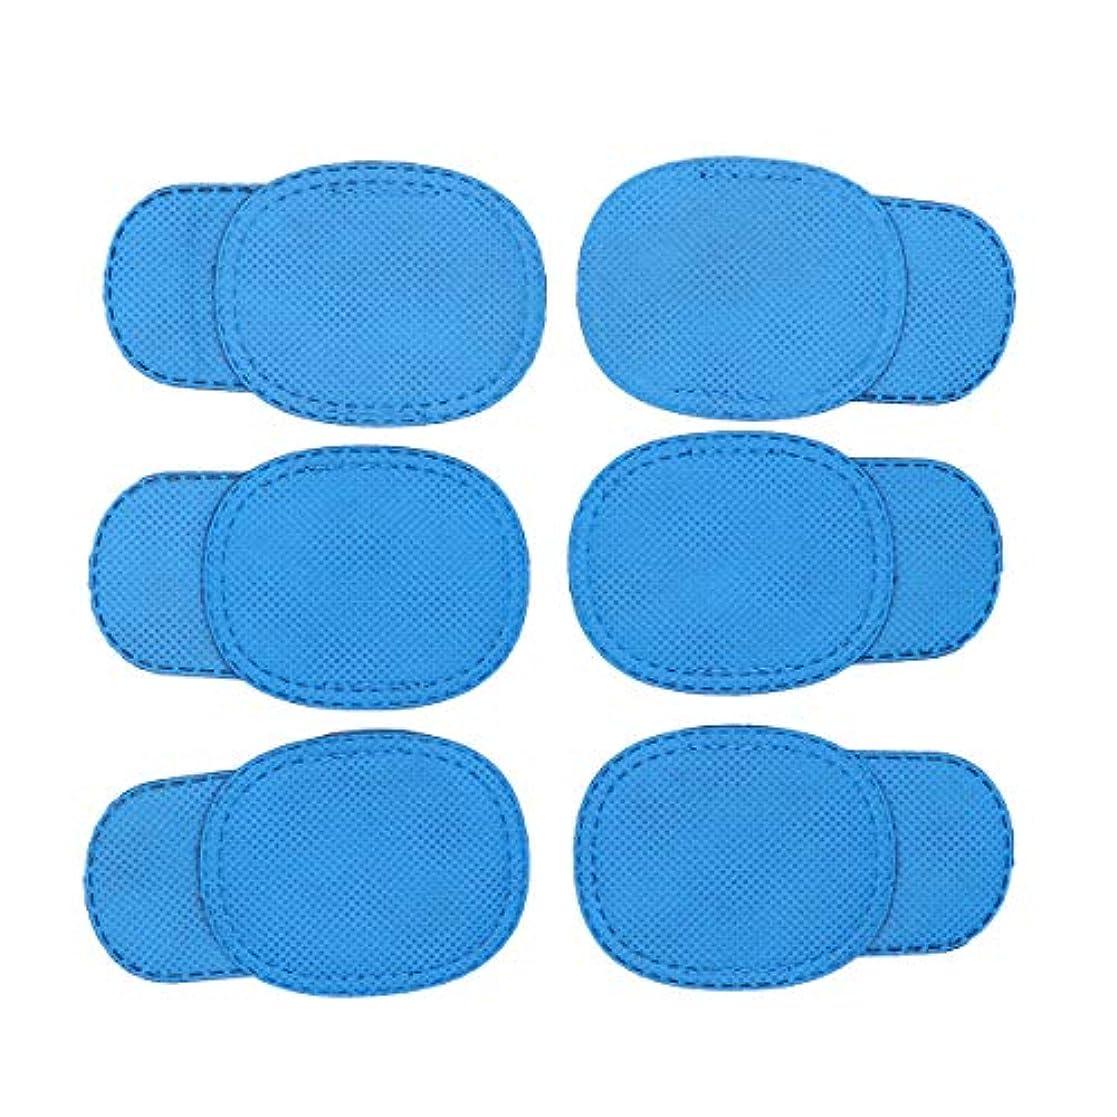 髄アッパーところでHealifty メガネのための12個の弱視アイパッチは子供のための怠惰な目と斜視を扱います子供(ブルー)